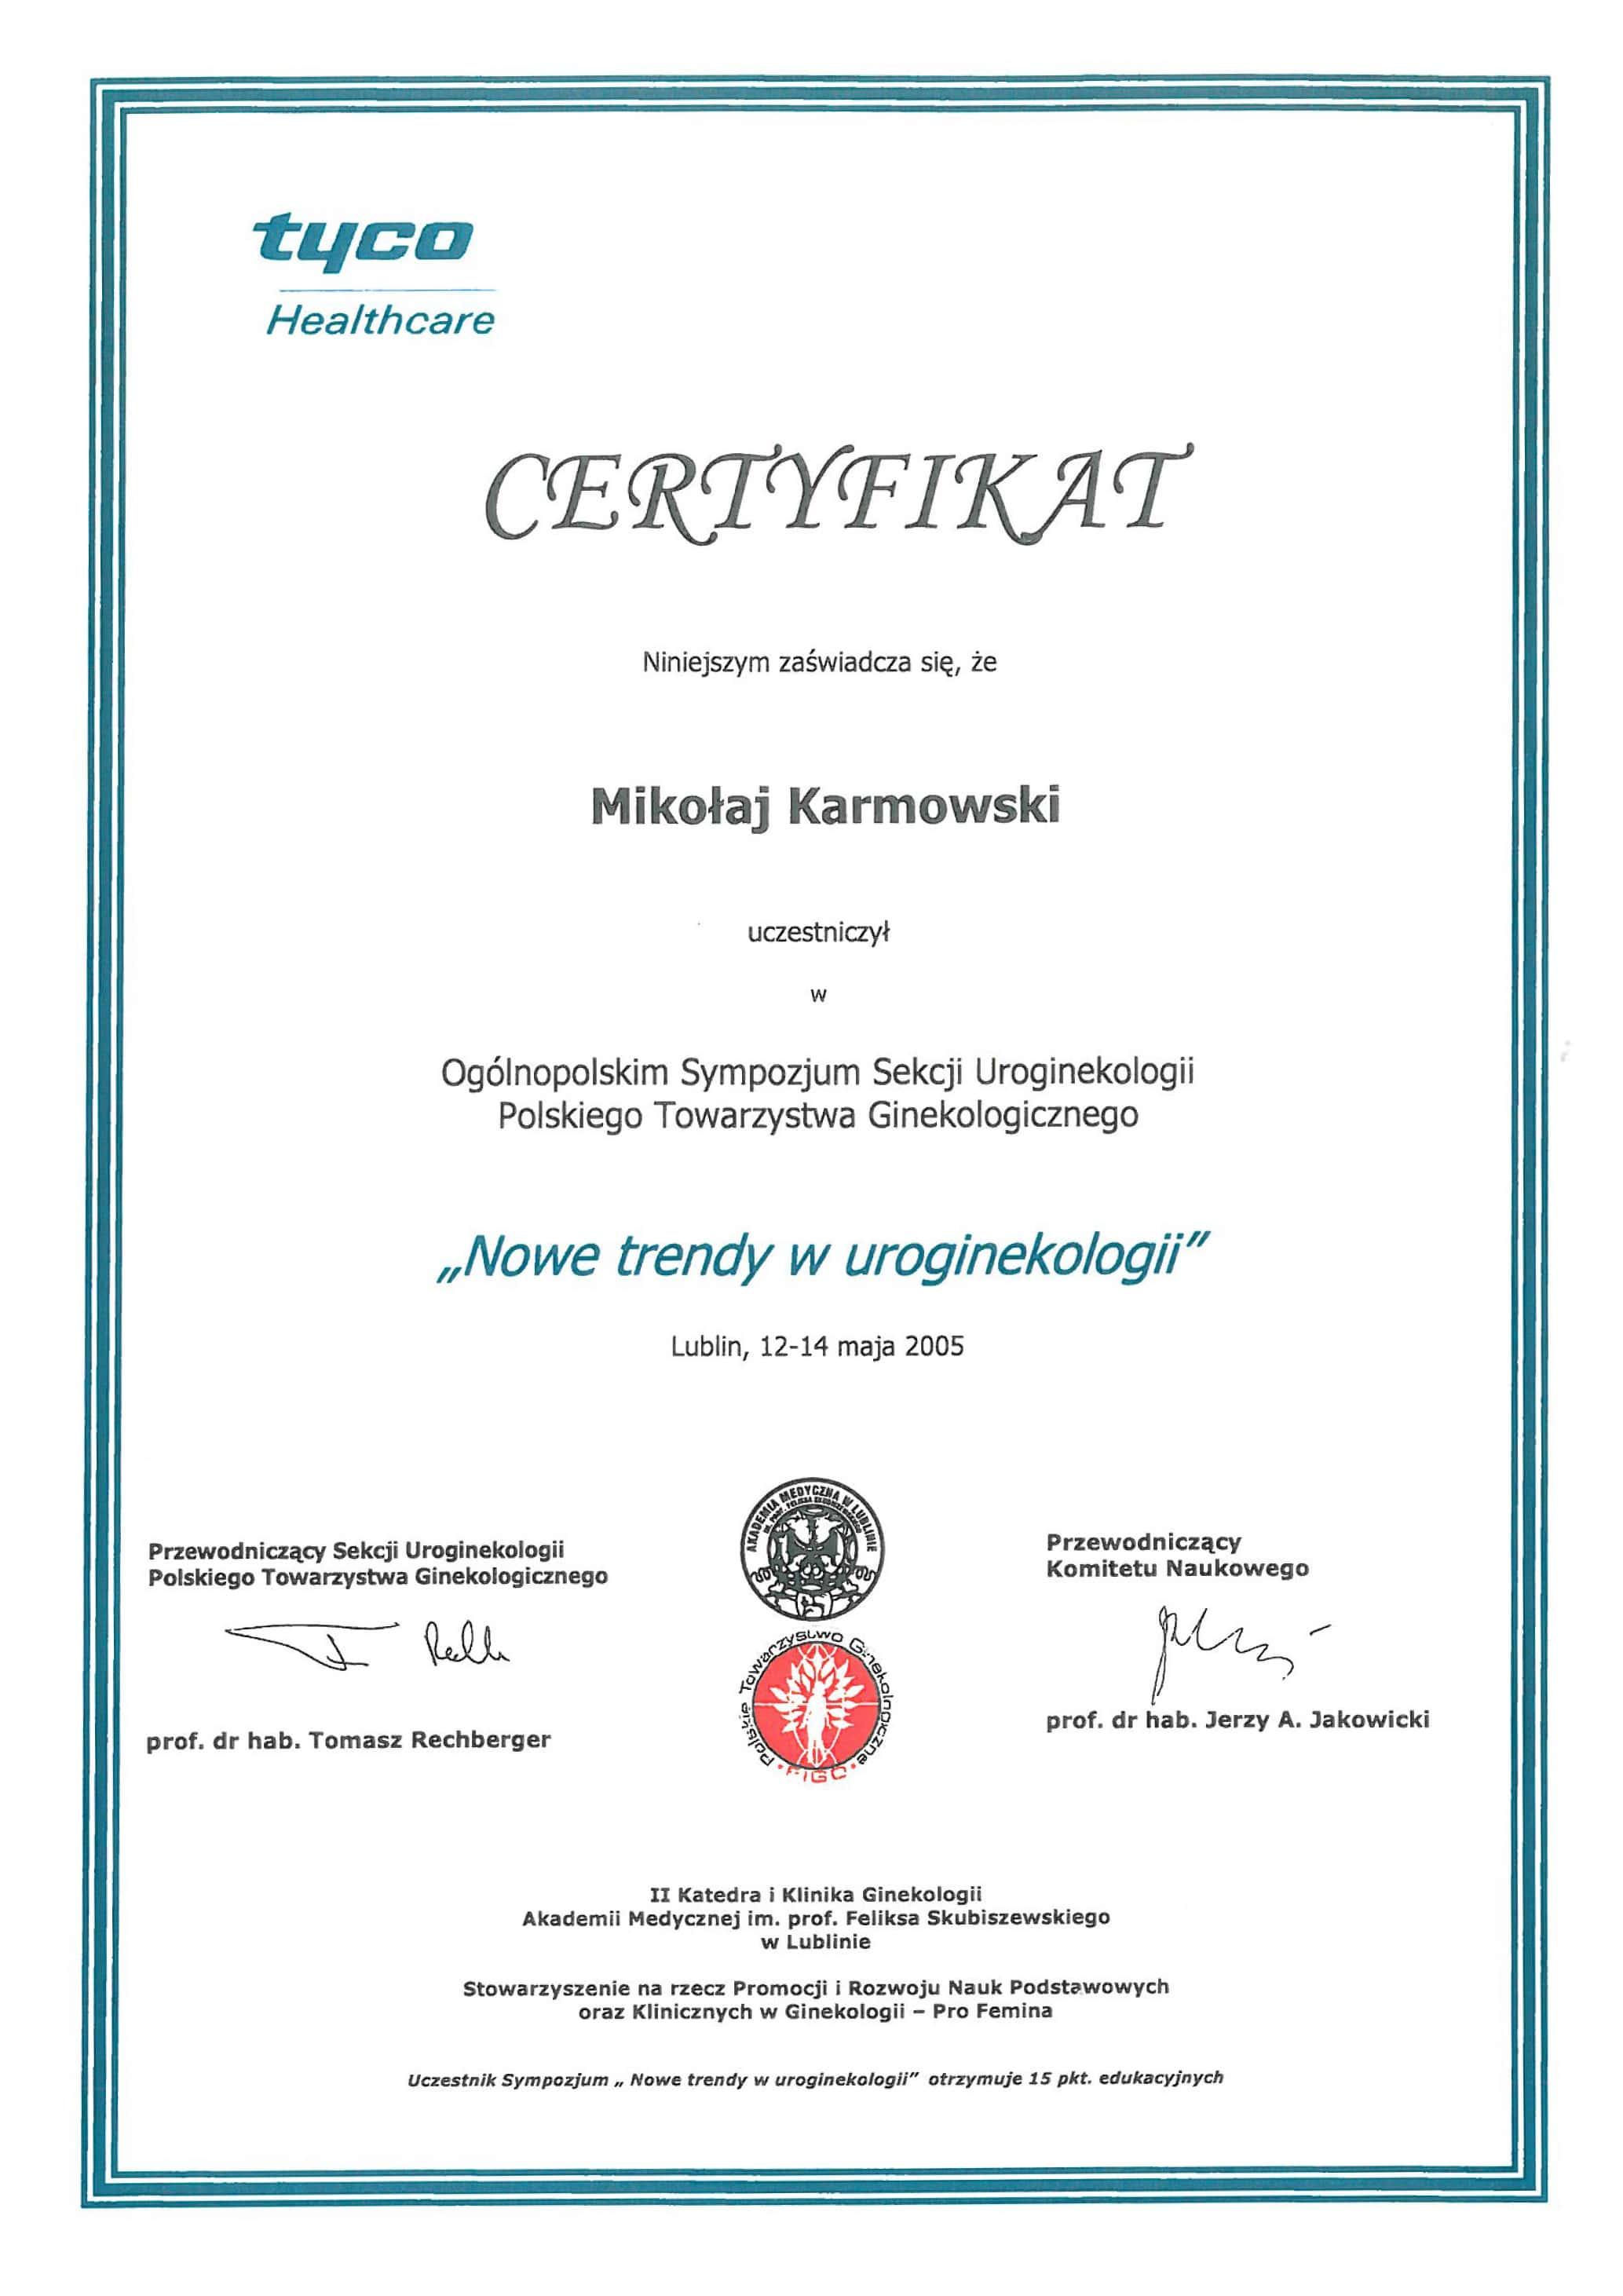 Mikołaj Karmowski certyfikat nowe trendy w uroginekologii